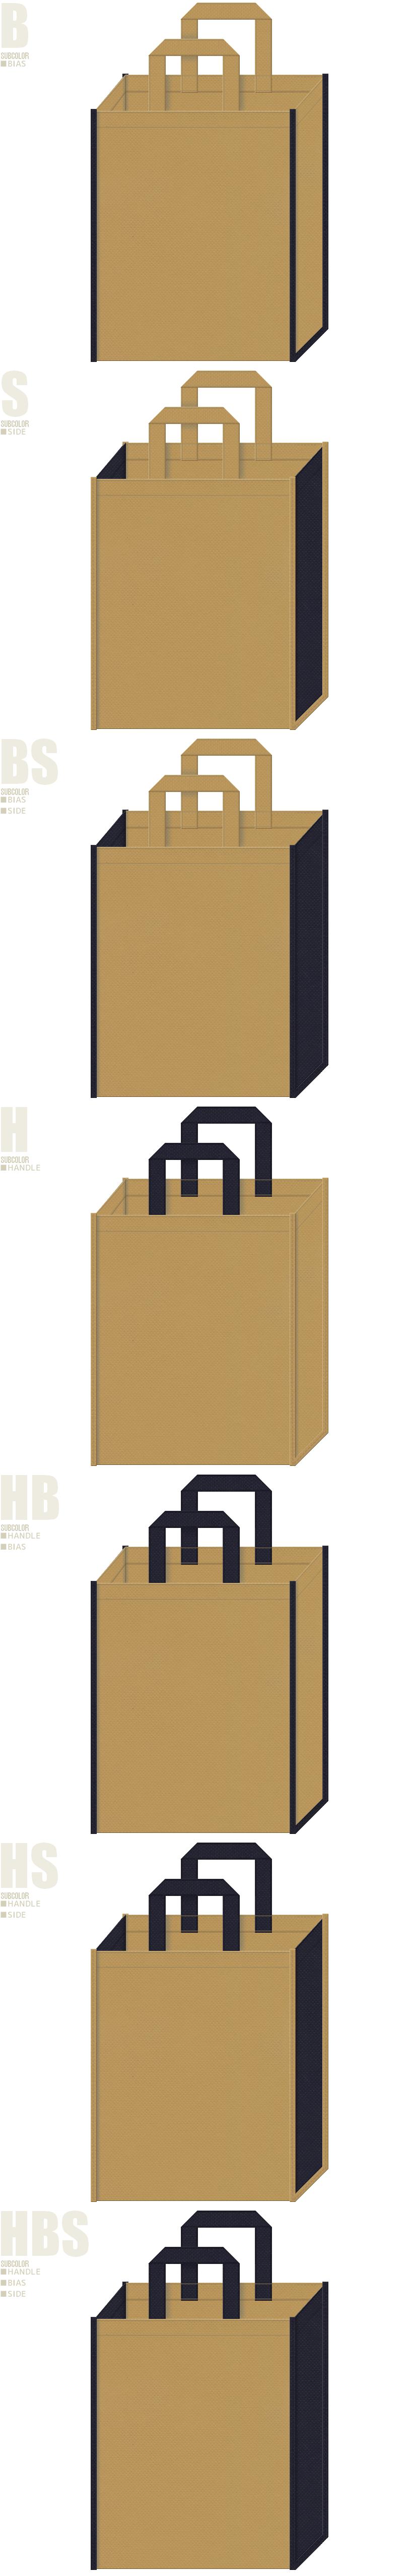 インディゴデニム・ジーンズ・カジュアルファッションの展示会用バッグにお奨めの不織布バッグデザイン:マスタード色と濃紺色の配色7パターン